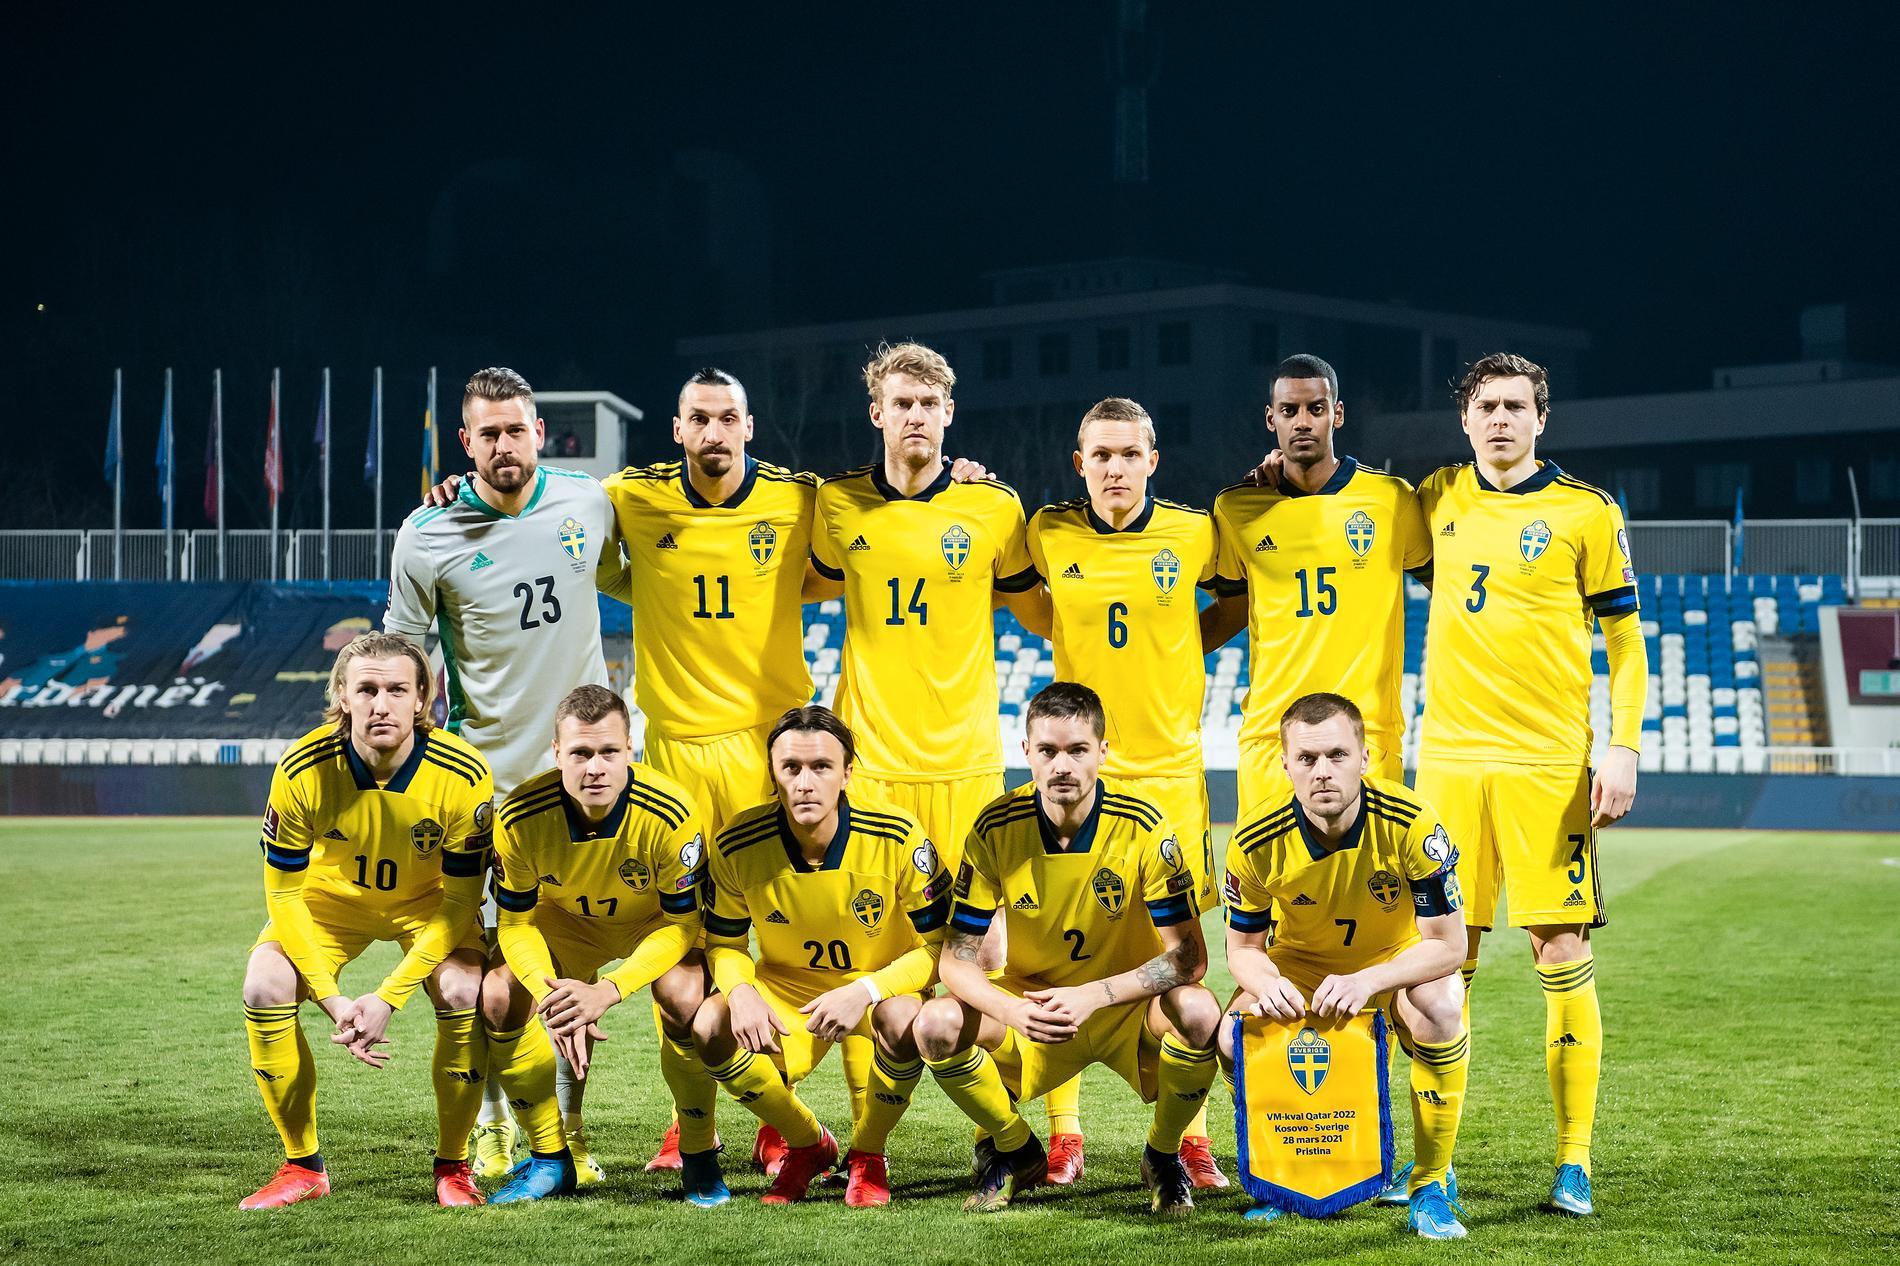 Vilka får plats i Sveriges EM-trupp 2021? Svaret får vi när Janne Andersson tar ut truppen den 18 maj.